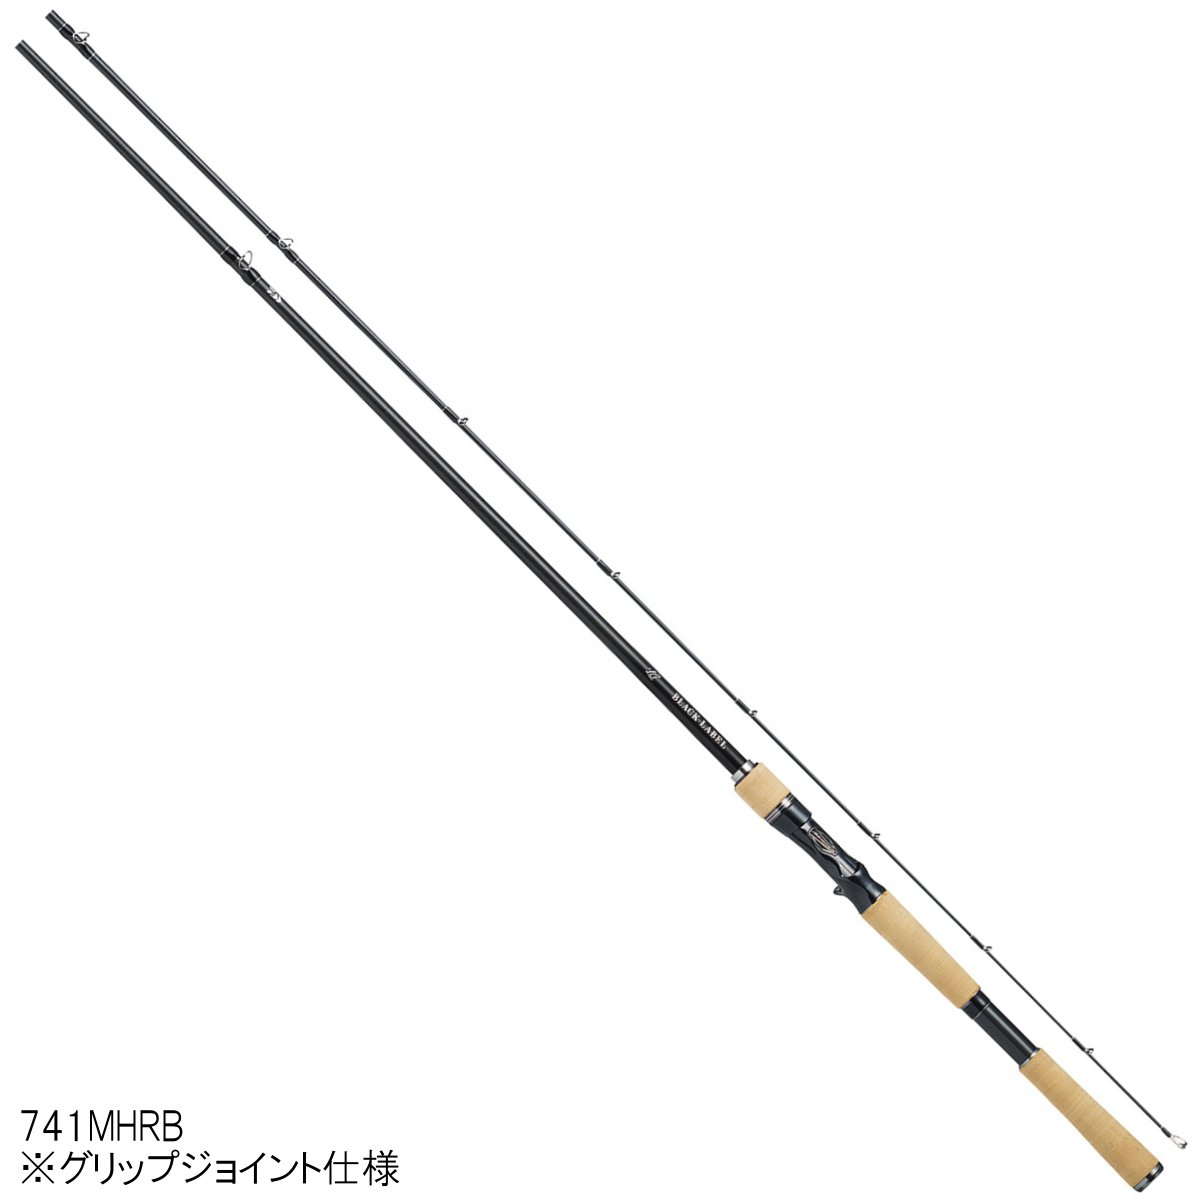 ダイワ ブラックレーベル LG(ベイトキャスティングモデル) 741MHRB【大型商品】